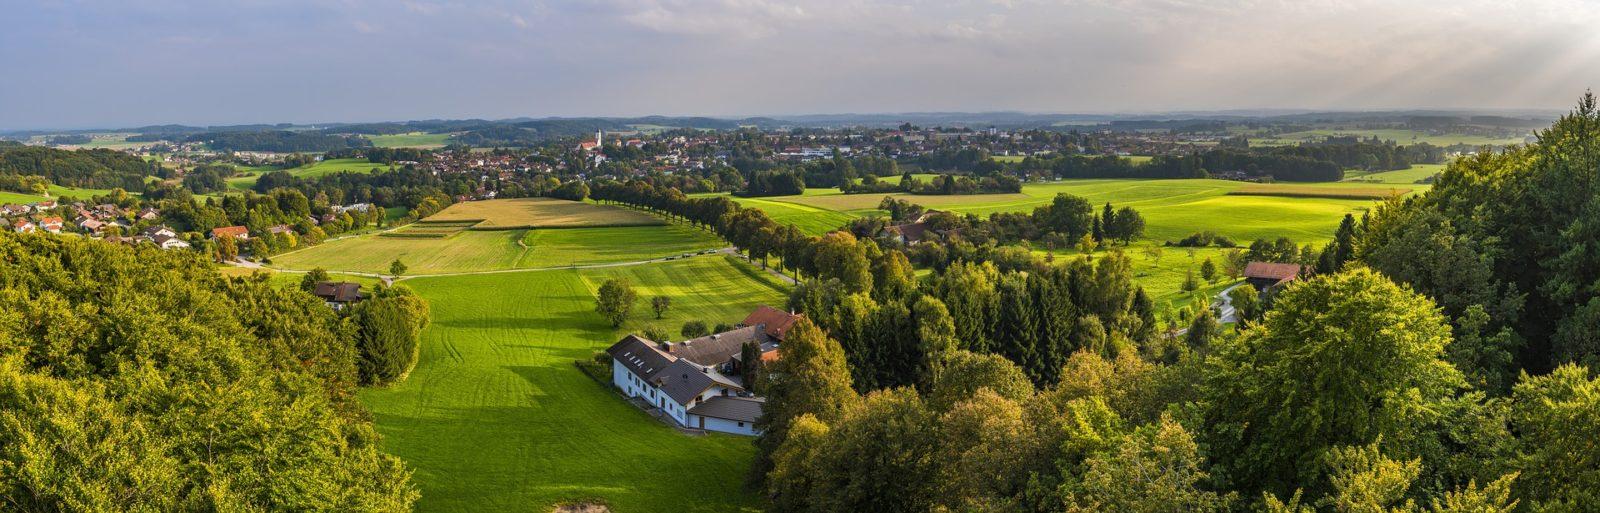 miasto, urbanizacja, tereny zieleni, projektowanie ogrodów, projektowanie przestrzeni, architektura krajobrazu, Agnieszka Gertner, agnieszkagertnerblog